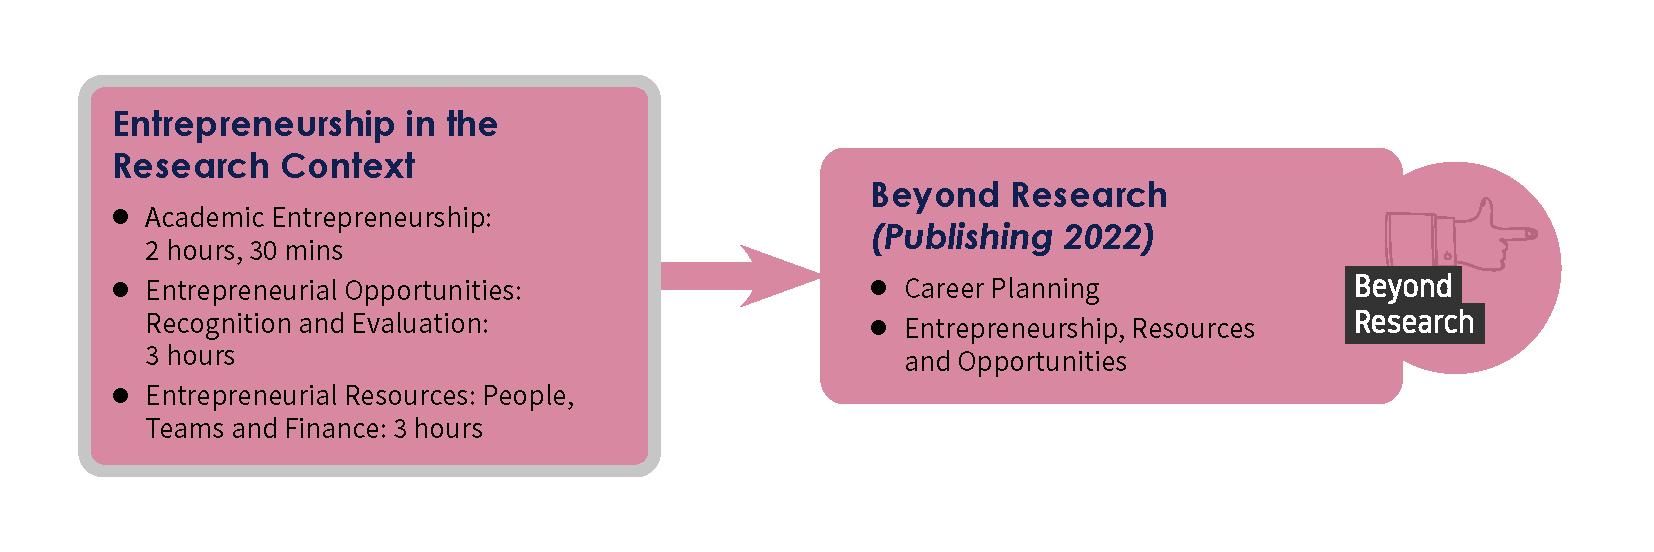 Entrepreneurship in Academia